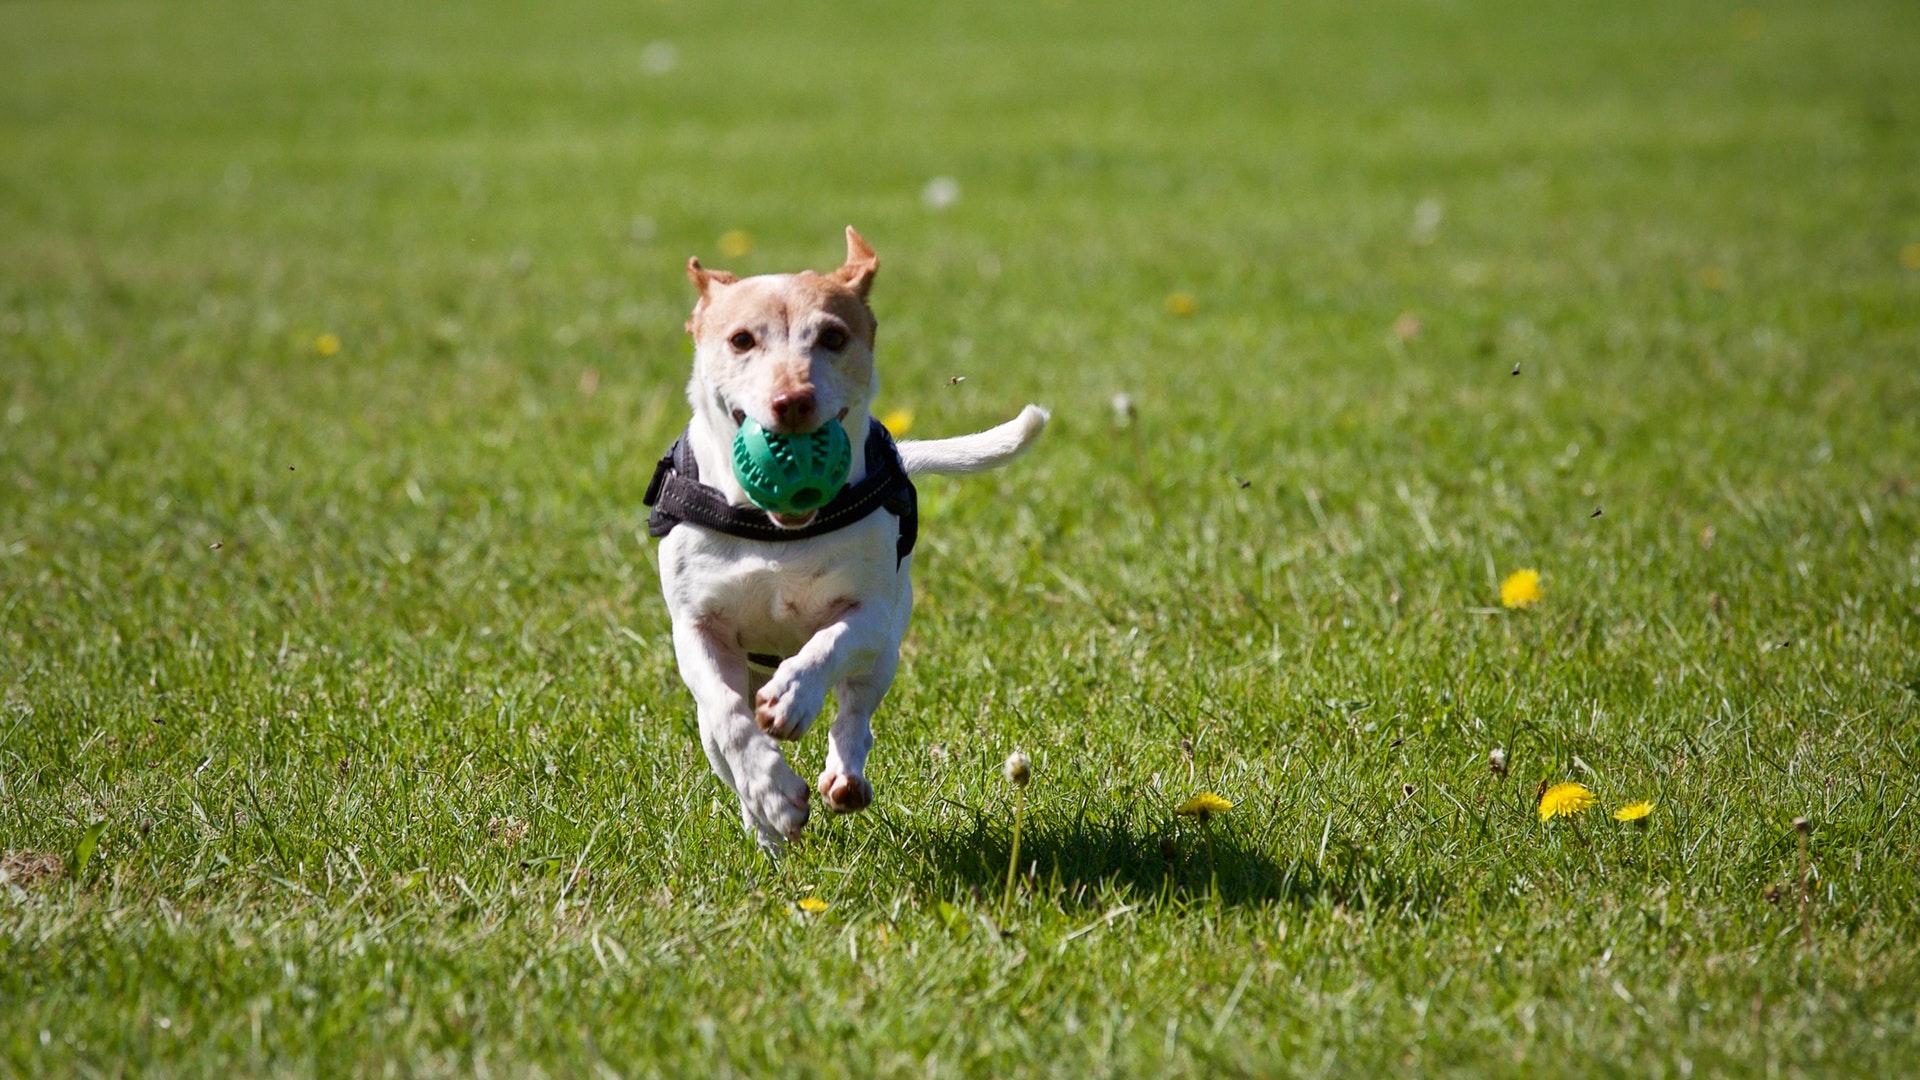 a bola comedouro é um dos melhores brinquedos para cachorro hiperativo